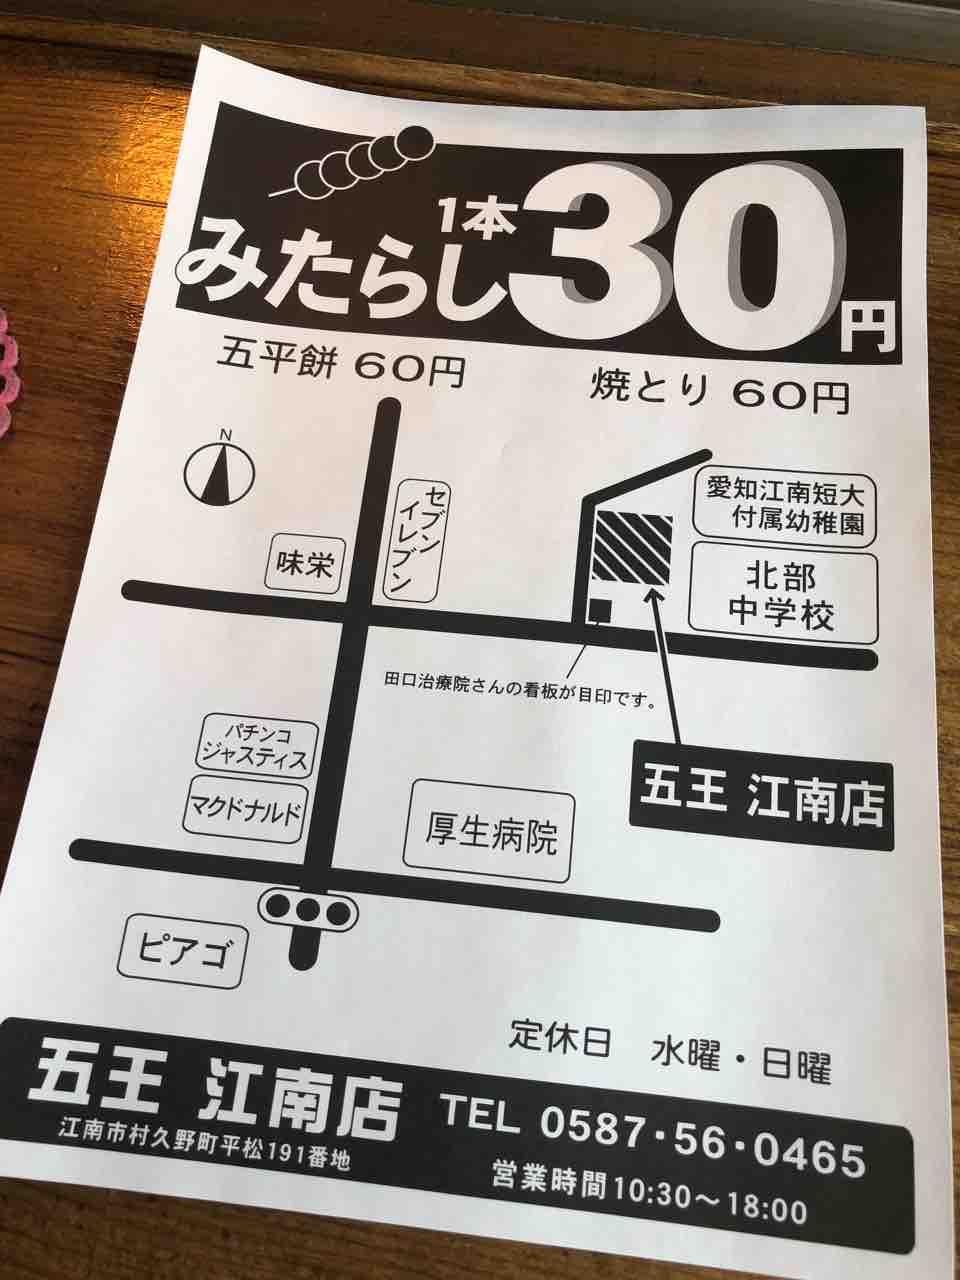 「五王 江南店」